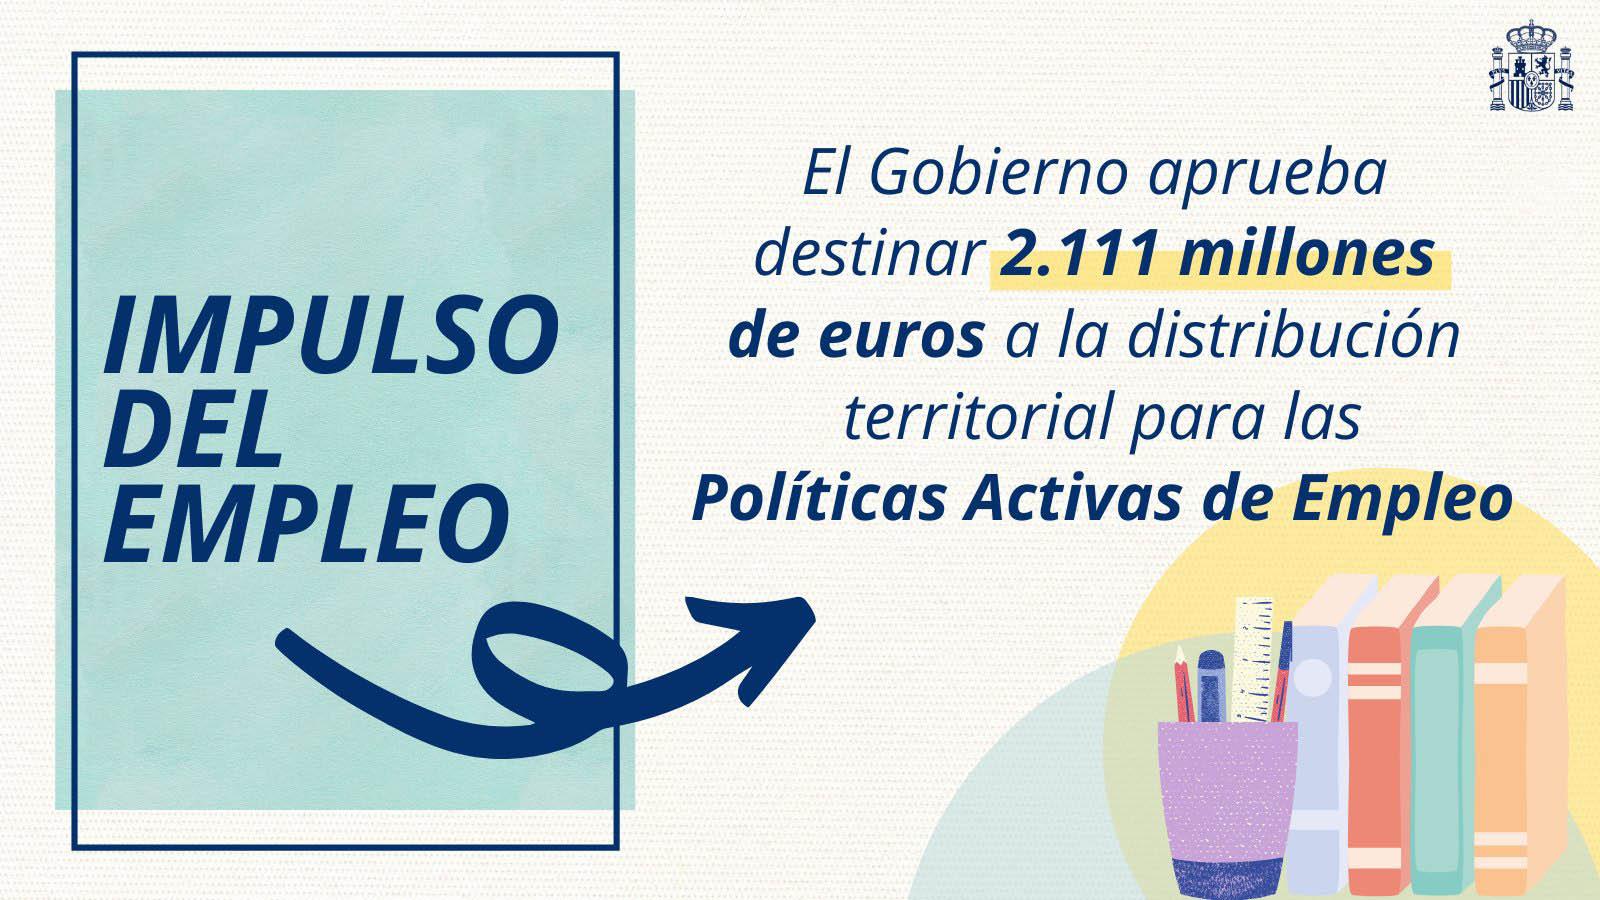 Plan impulso del empleo Gobierno de España